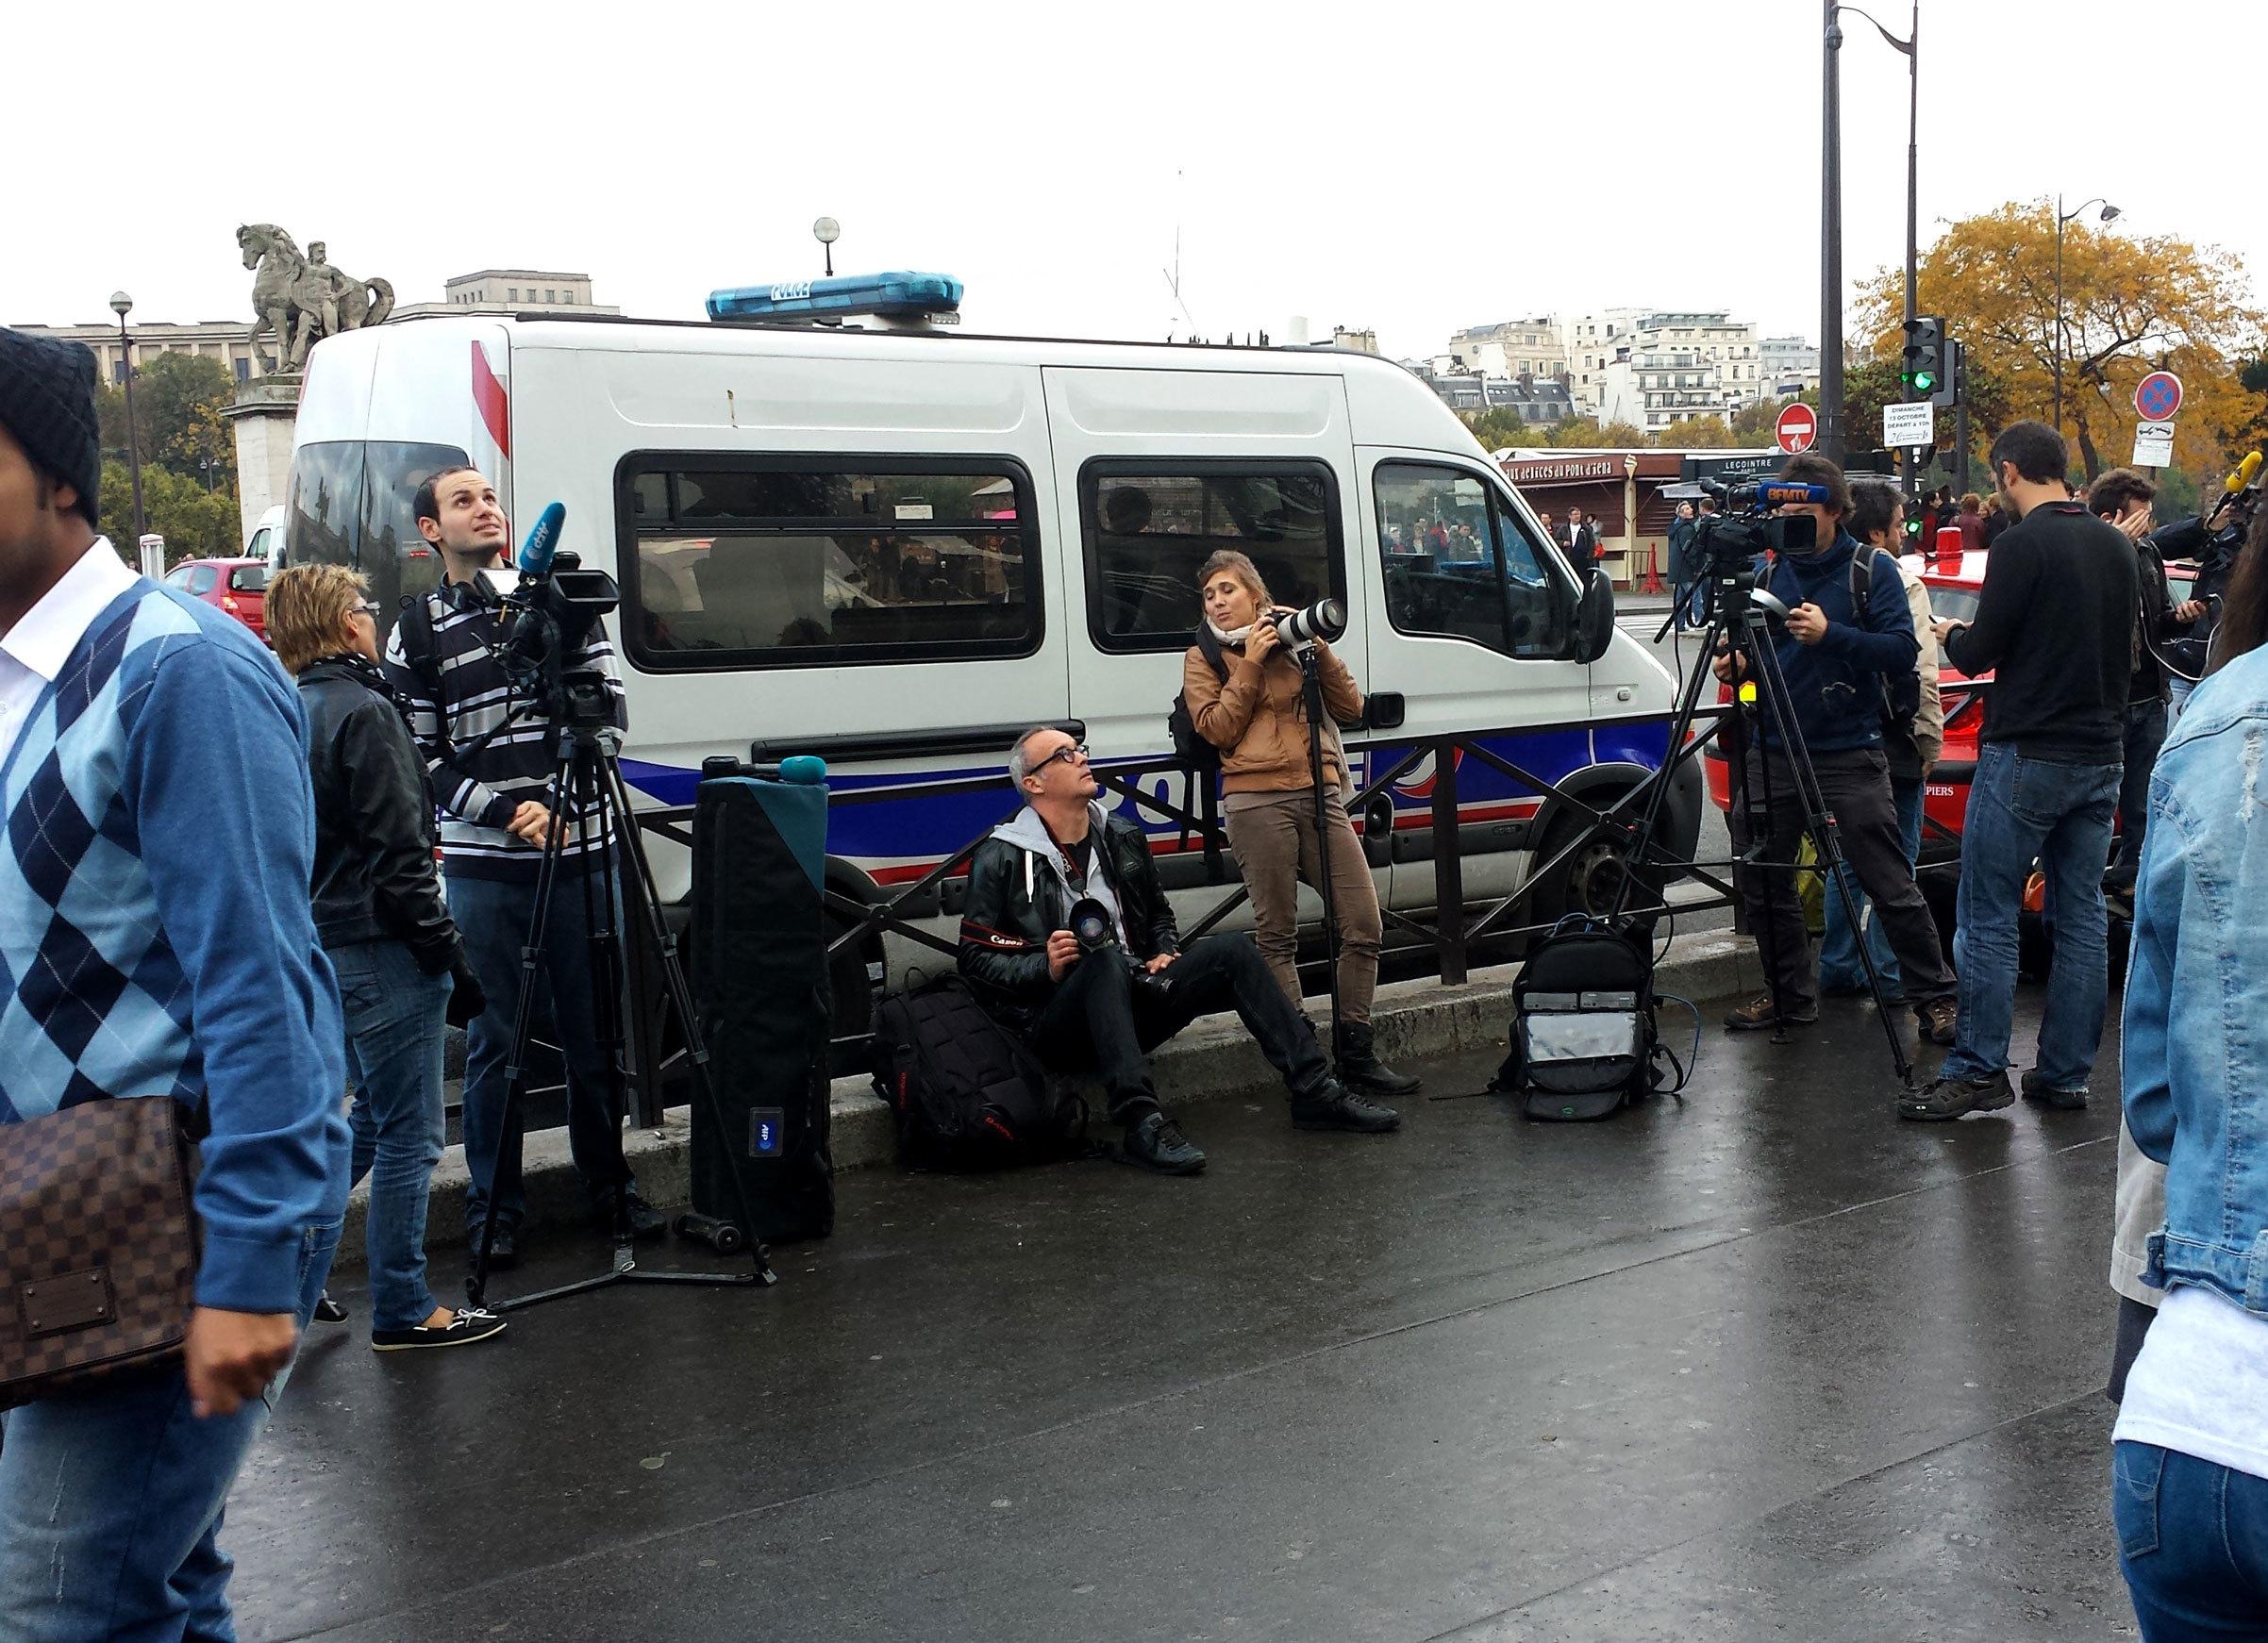 Protest film crew.